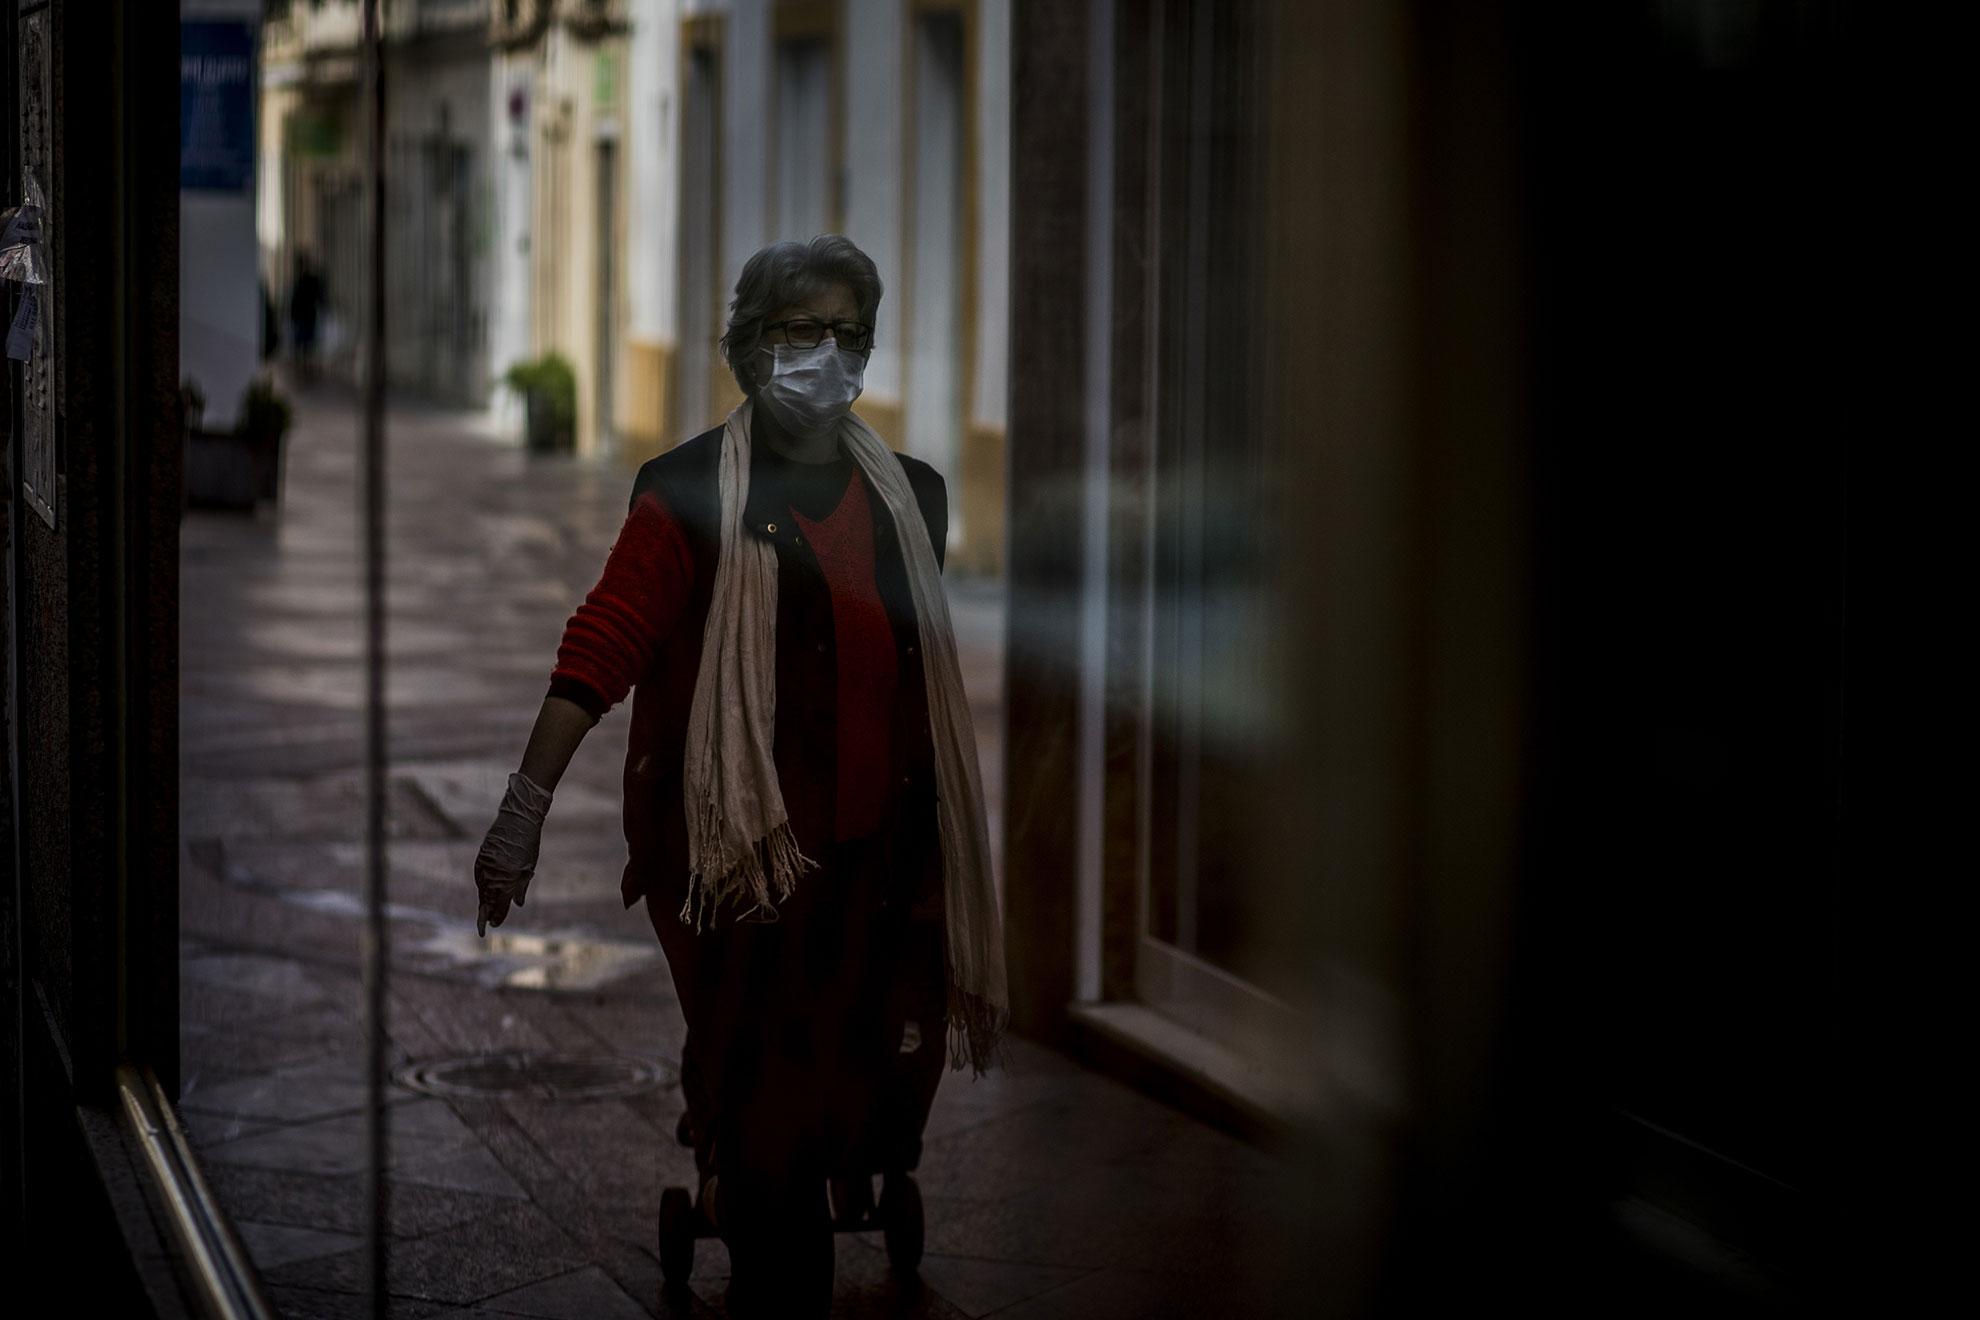 Sacar a pasear el perro o hacer la compra, labores que antes del confinamiento podían llegar a ser poco satisfactorias, se han convertido en momentos ansiados en los hogares andaluces. En la imagen, una mujer se dirige a realizar la compra con mascarilla y guantes en Jerez.